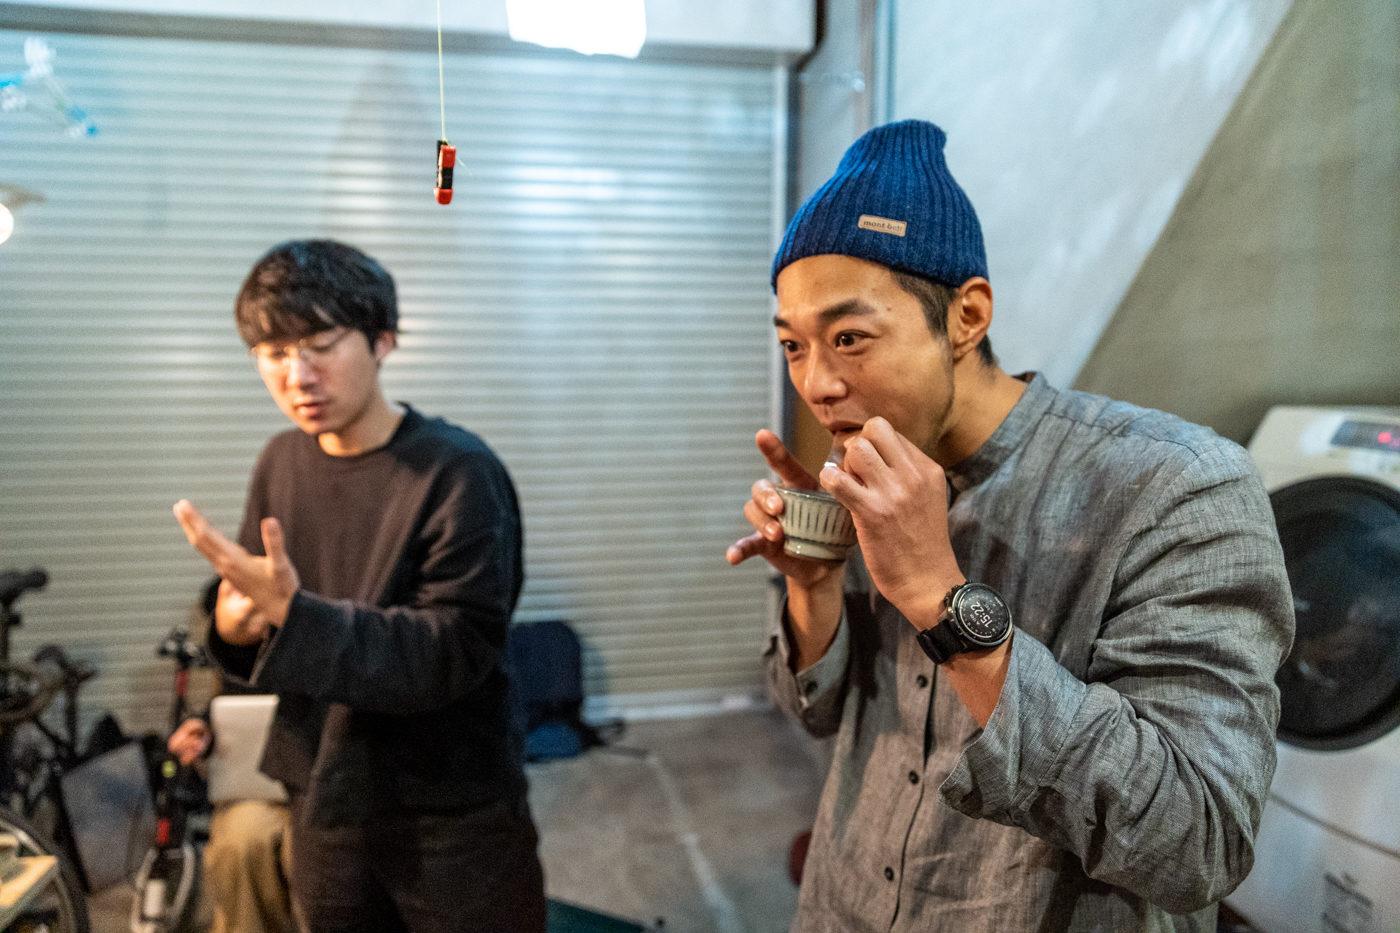 INTERVIEW:梅田哲也|ただそこにある小さな声と時間を思うこと 2/3